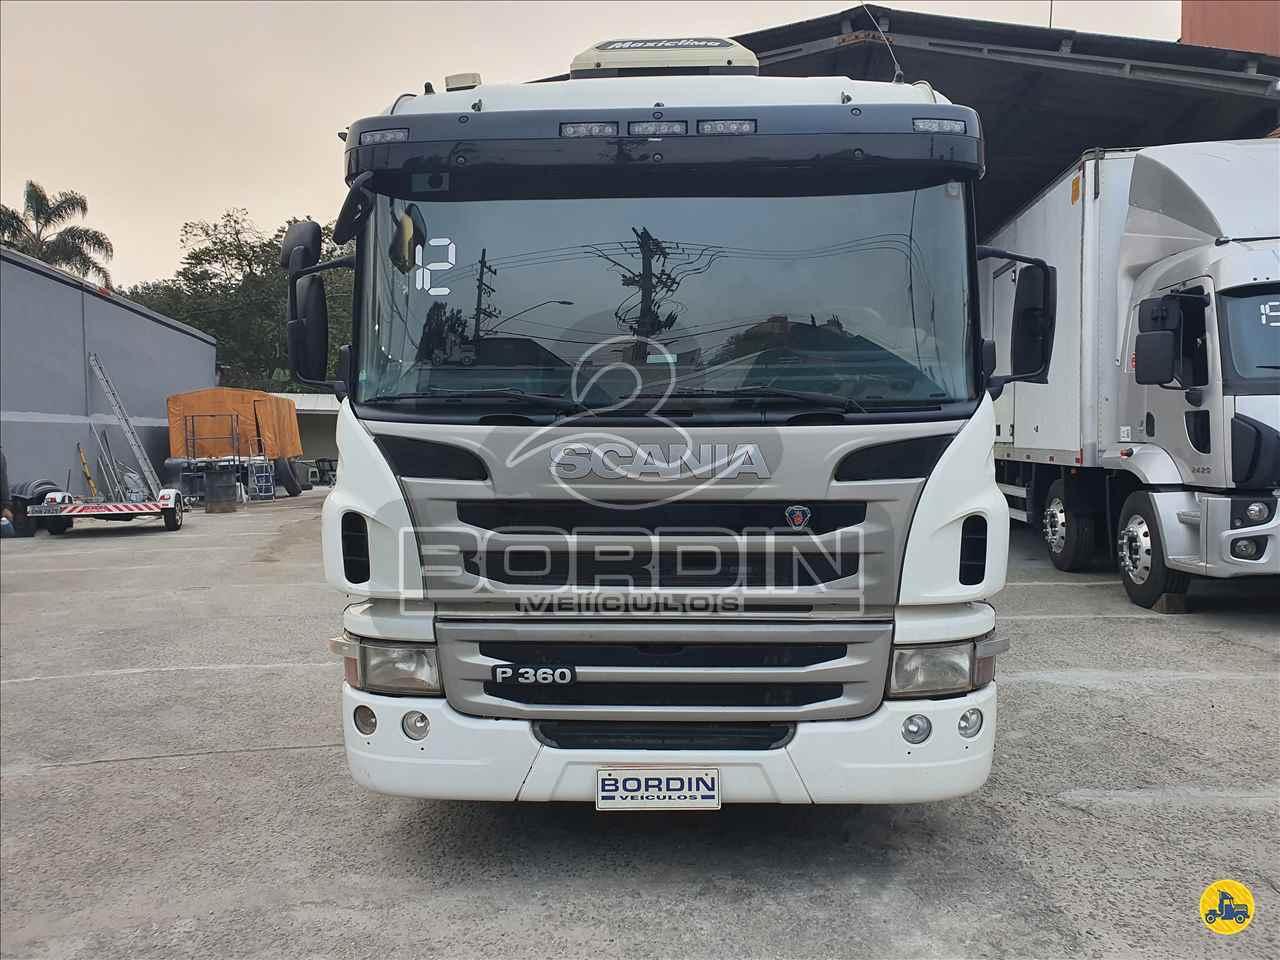 CAMINHAO SCANIA SCANIA P360 Cavalo Mecânico Truck 6x2 Bordin Veículos SAO BERNARDO DO CAMPO SÃO PAULO SP